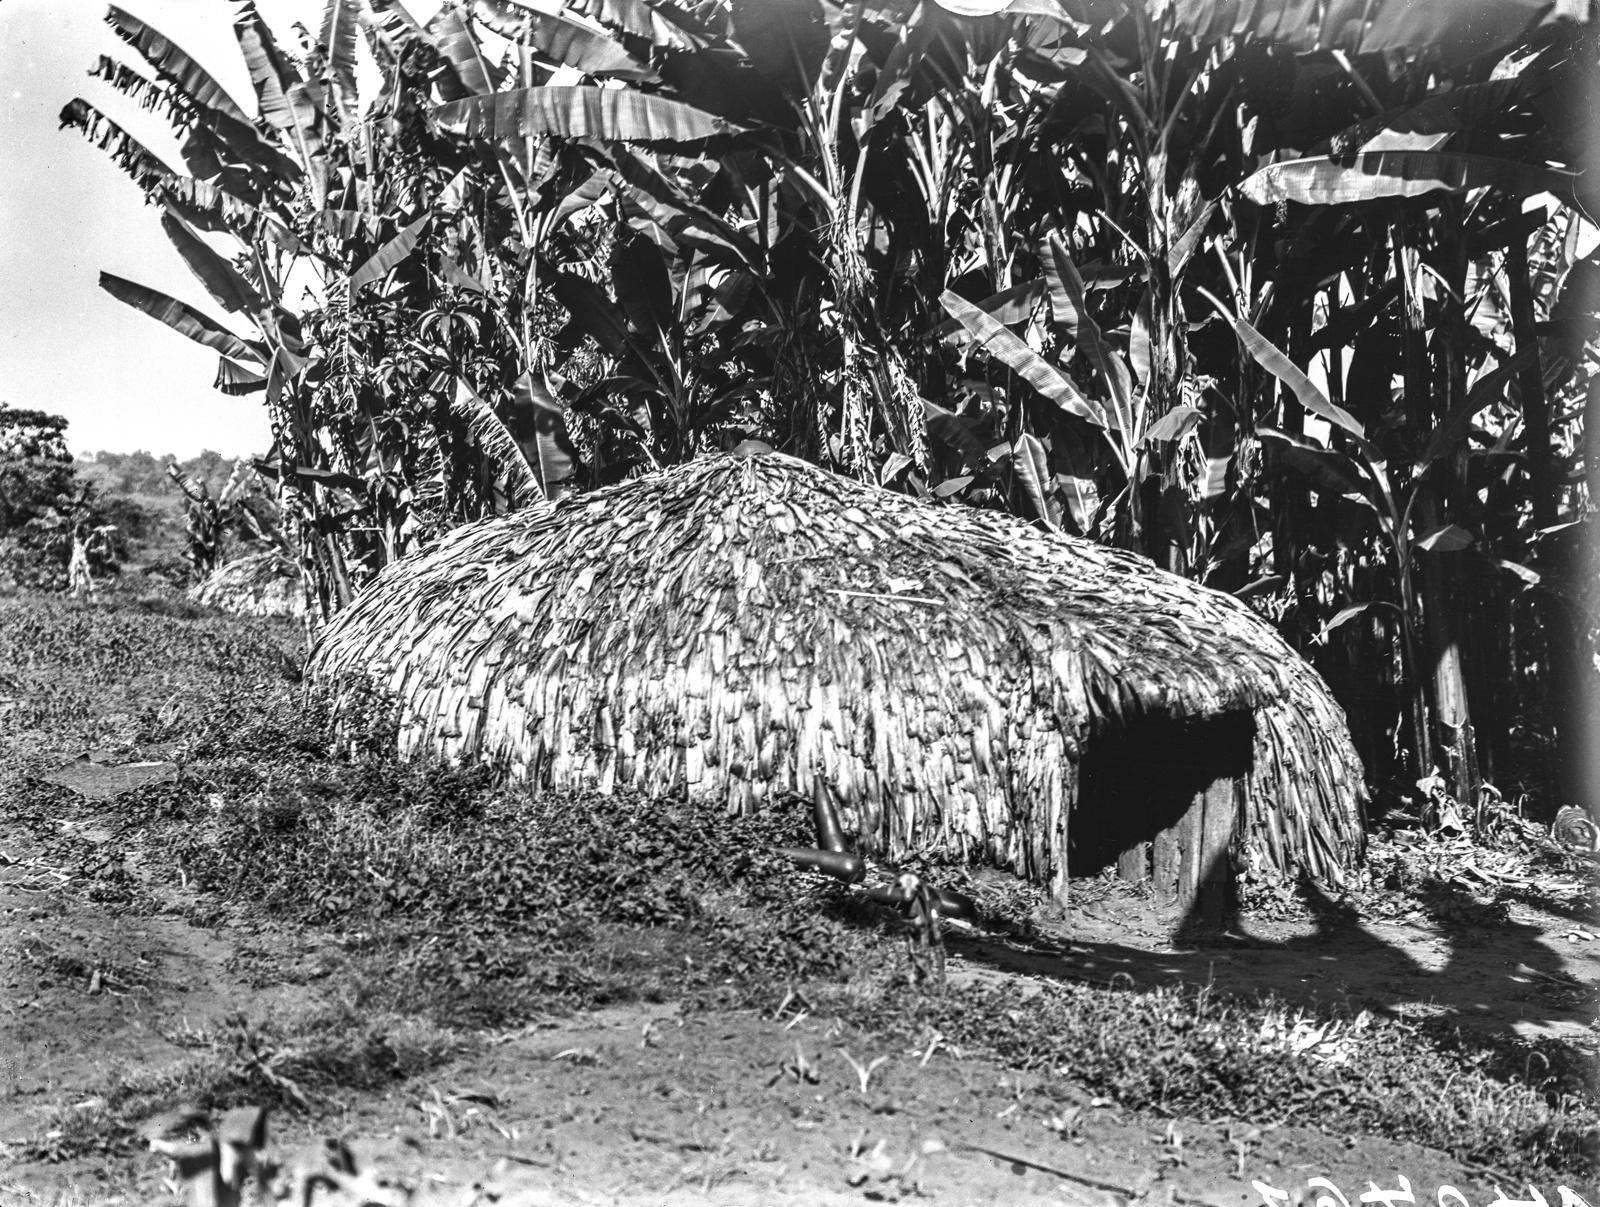 167. Круглая хижина из соломы народности вамеру